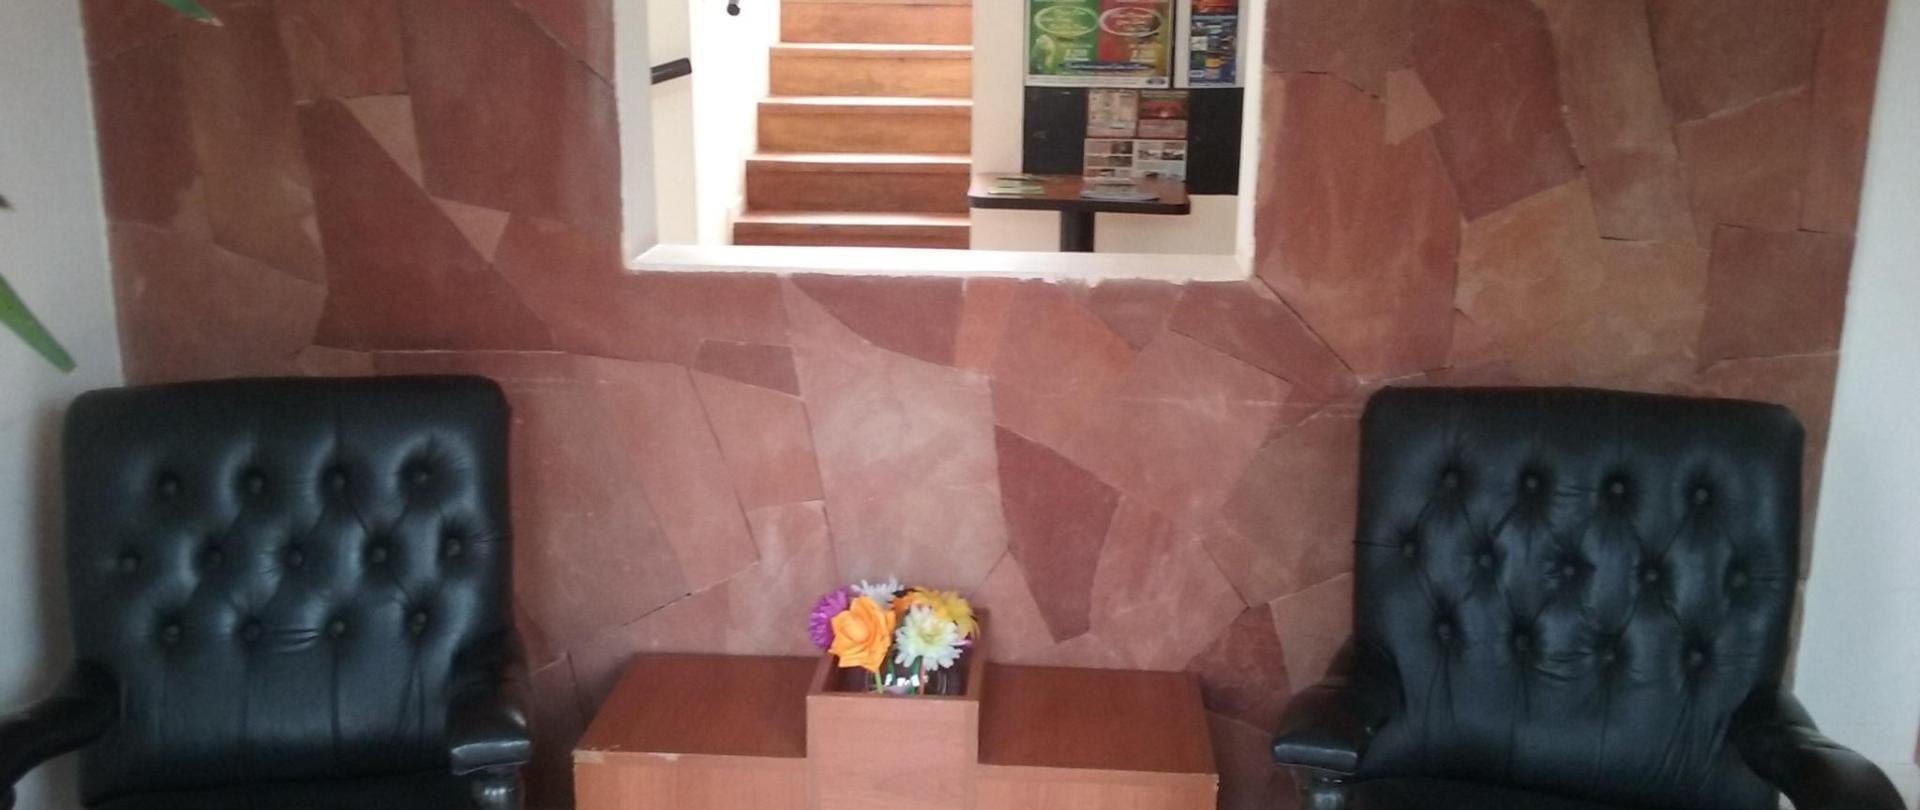 Recepcion Hotel Queguay.jpg